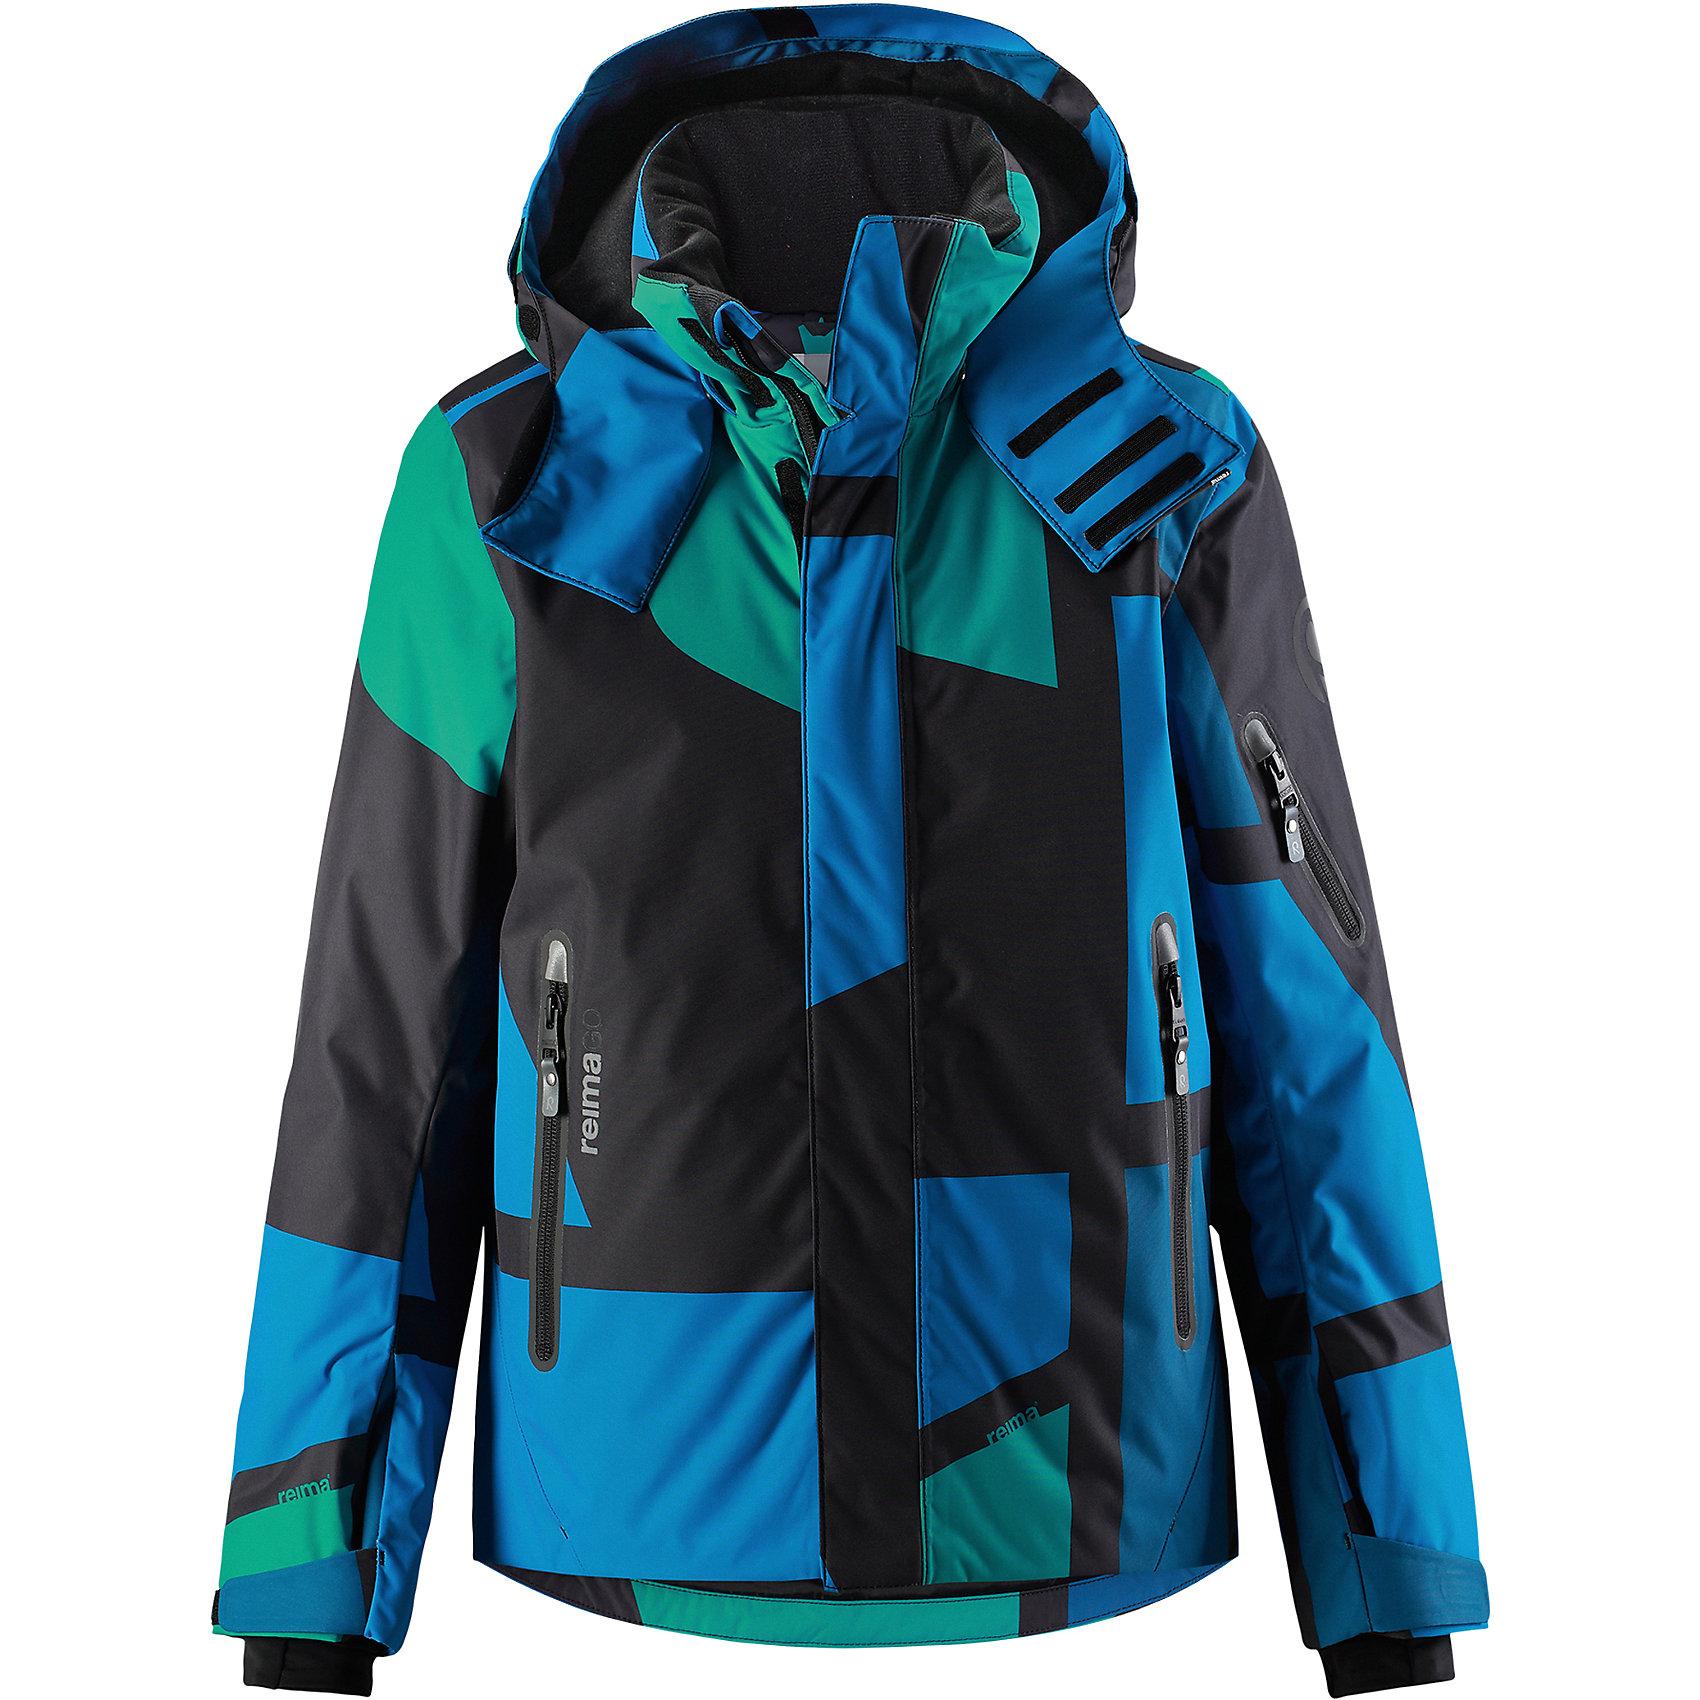 Куртка Reimatec® Reima Wheeler для мальчикаЗимние куртки<br>Характеристики товара:<br><br>• цвет: синий;<br>• состав: 100% полиэстер;<br>• подкладка: 100% полиэстер;<br>• утеплитель: 140 г/м2;<br>• сезон: зима;<br>• температурный режим: от 0 до -20С;<br>• водонепроницаемость: 15000 мм;<br>• воздухопроницаемость: 7000 мм;<br>• износостойкость: 35000 циклов (тест Мартиндейла);<br>• водо- и ветронепроницаемый, дышащий и грязеотталкивающий материал;<br>• все швы проклеены и водонепроницаемы;<br>• застежка: молния с защитой подбородка;<br>• гладкая подкладка из полиэстера;<br>• безопасный съемный и регулируемый капюшон;<br>• место соединения куртки с брюками скрыто снегозащитной манжетой;<br>• регулируемые манжеты и внутренние манжеты из лайкры;<br>• удлиненные манжеты;<br>• регулируемый подол, снегозащитный манжет на талии;<br>• карманы на молнии, карман для skipass на рукаве;<br>• карман для очков, внутренний нагрудный карман и петли для проводов наушников;<br>• карман с креплением для сенсора ReimaGO®;<br>• светоотражающие детали;<br>• страна бренда: Финляндия;<br>• страна изготовитель: Китай.<br><br>Детская непромокаемая зимняя куртка с множеством практичных деталей. Она сшита из специального водо и ветронепроницаемого материала, дышащего и обладающего водо и грязеотталкивающими свойствами. Все швы проклеены, водонепроницаемы. Куртку с гладкой подкладкой из полиэстера легко надевать и очень удобно носить с теплым промежуточным слоем. <br><br>Эта куртка специально создана для маленьких лыжников, поэтому снабжена карманом для лыжной карты на рукаве, карманами на молнии и внутренними нагрудными карманами, удобными петельками для шнура наушников и специальным карманом с кнопками для сенсора ReimaGO. Регулируемые манжеты помогут подобрать нужную ширину рукавов, а внутренние манжеты из лайкры не пропустят холод внутрь. <br><br>С помощью удобных кнопок на снежной юбке можно пристегнуть куртку к брюкам. А за ненадобностью, снежную юбку можно пристегнуть к карманам. Съемный р